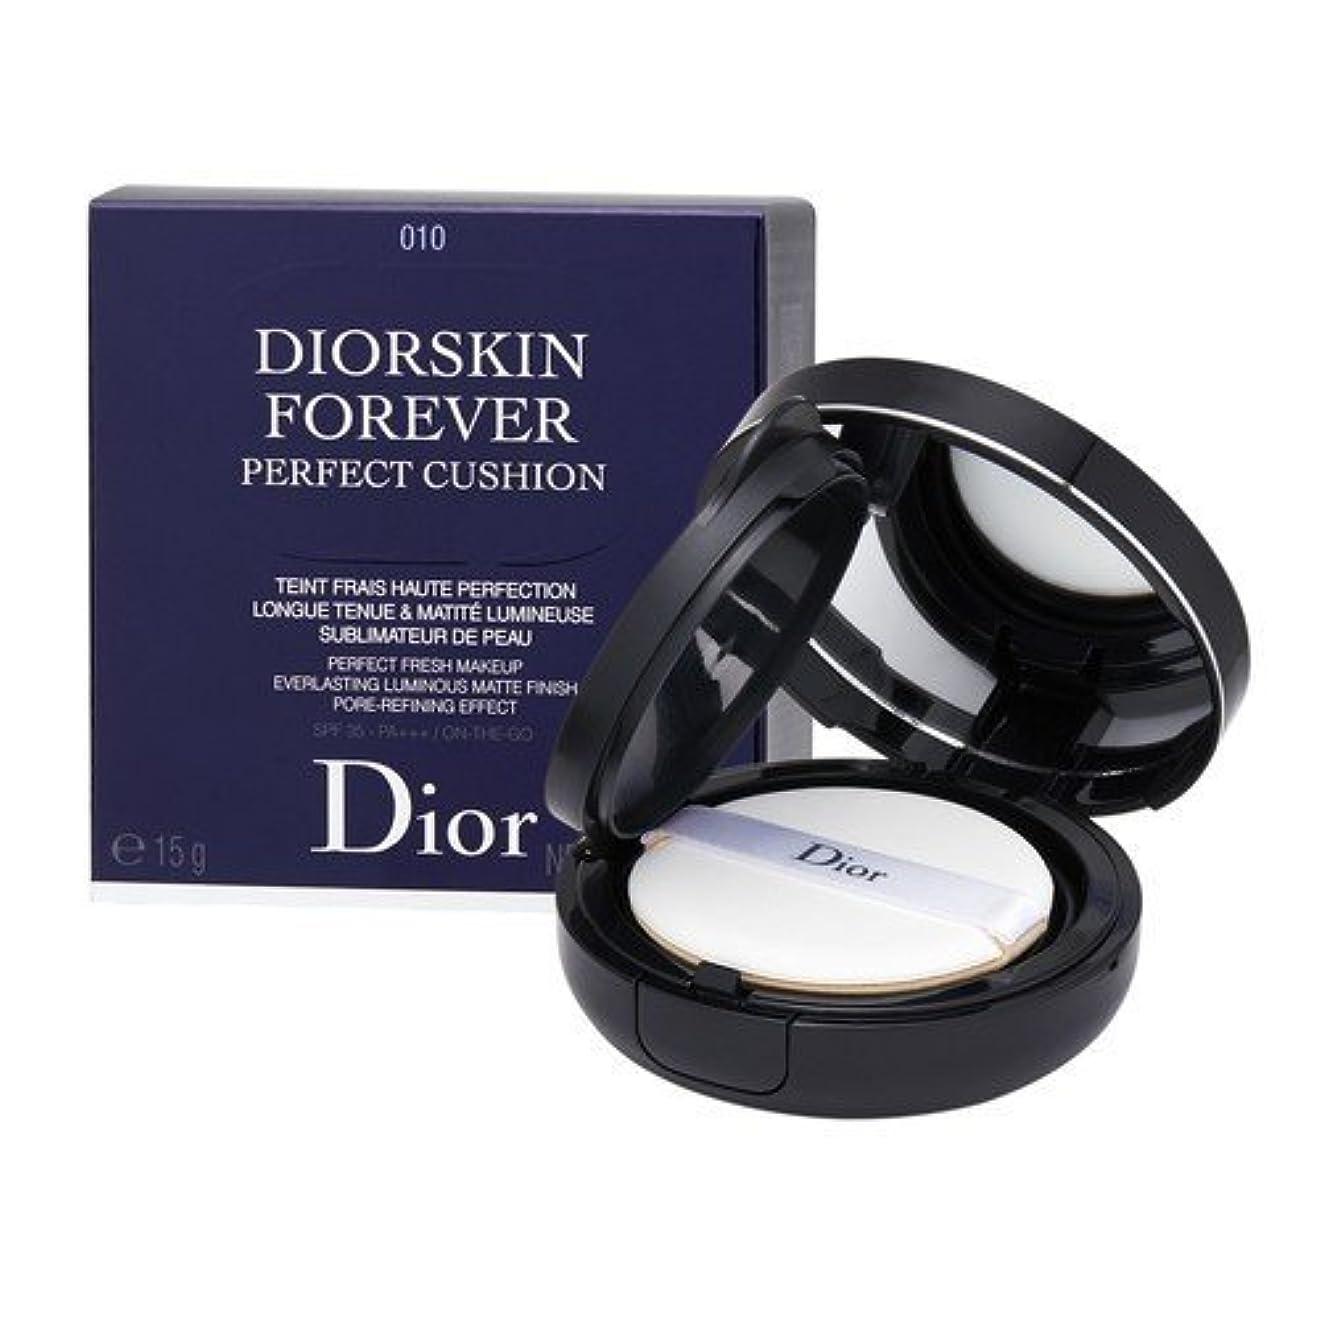 以下専門用語コンピュータークリスチャン ディオール(Christian Dior) ディオールスキン フォーエヴァー クッション #010 アイボリー 15g[並行輸入品]